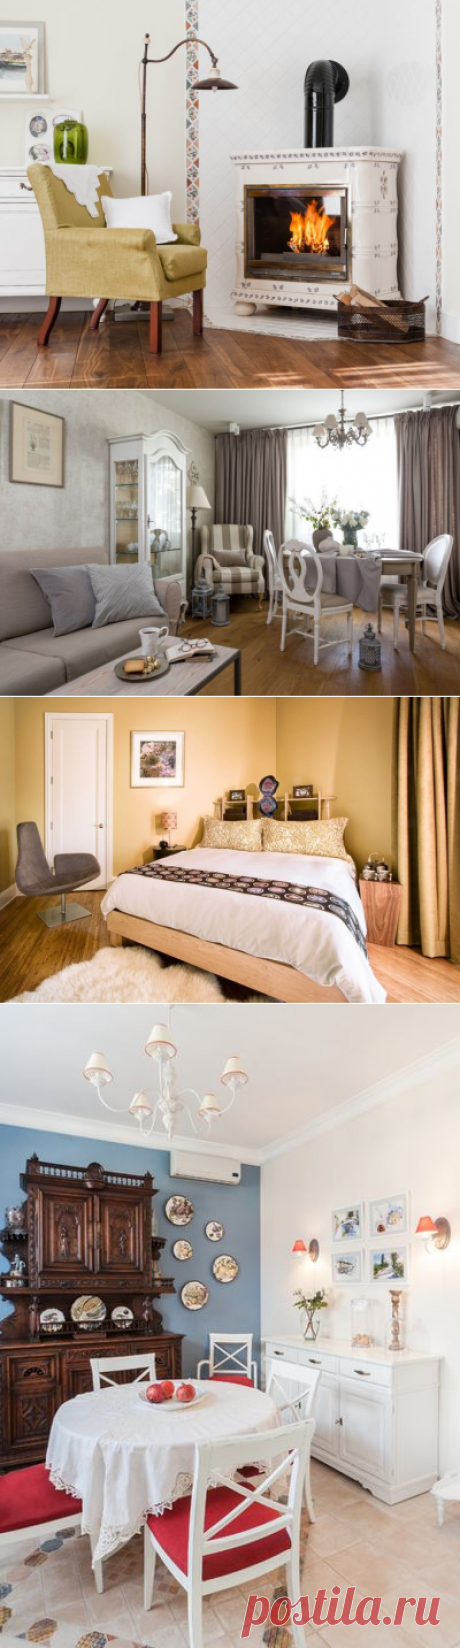 Как сделать перестановку в комнате: фото и советы — как можно правильно сделать перестановку в комнате, зале